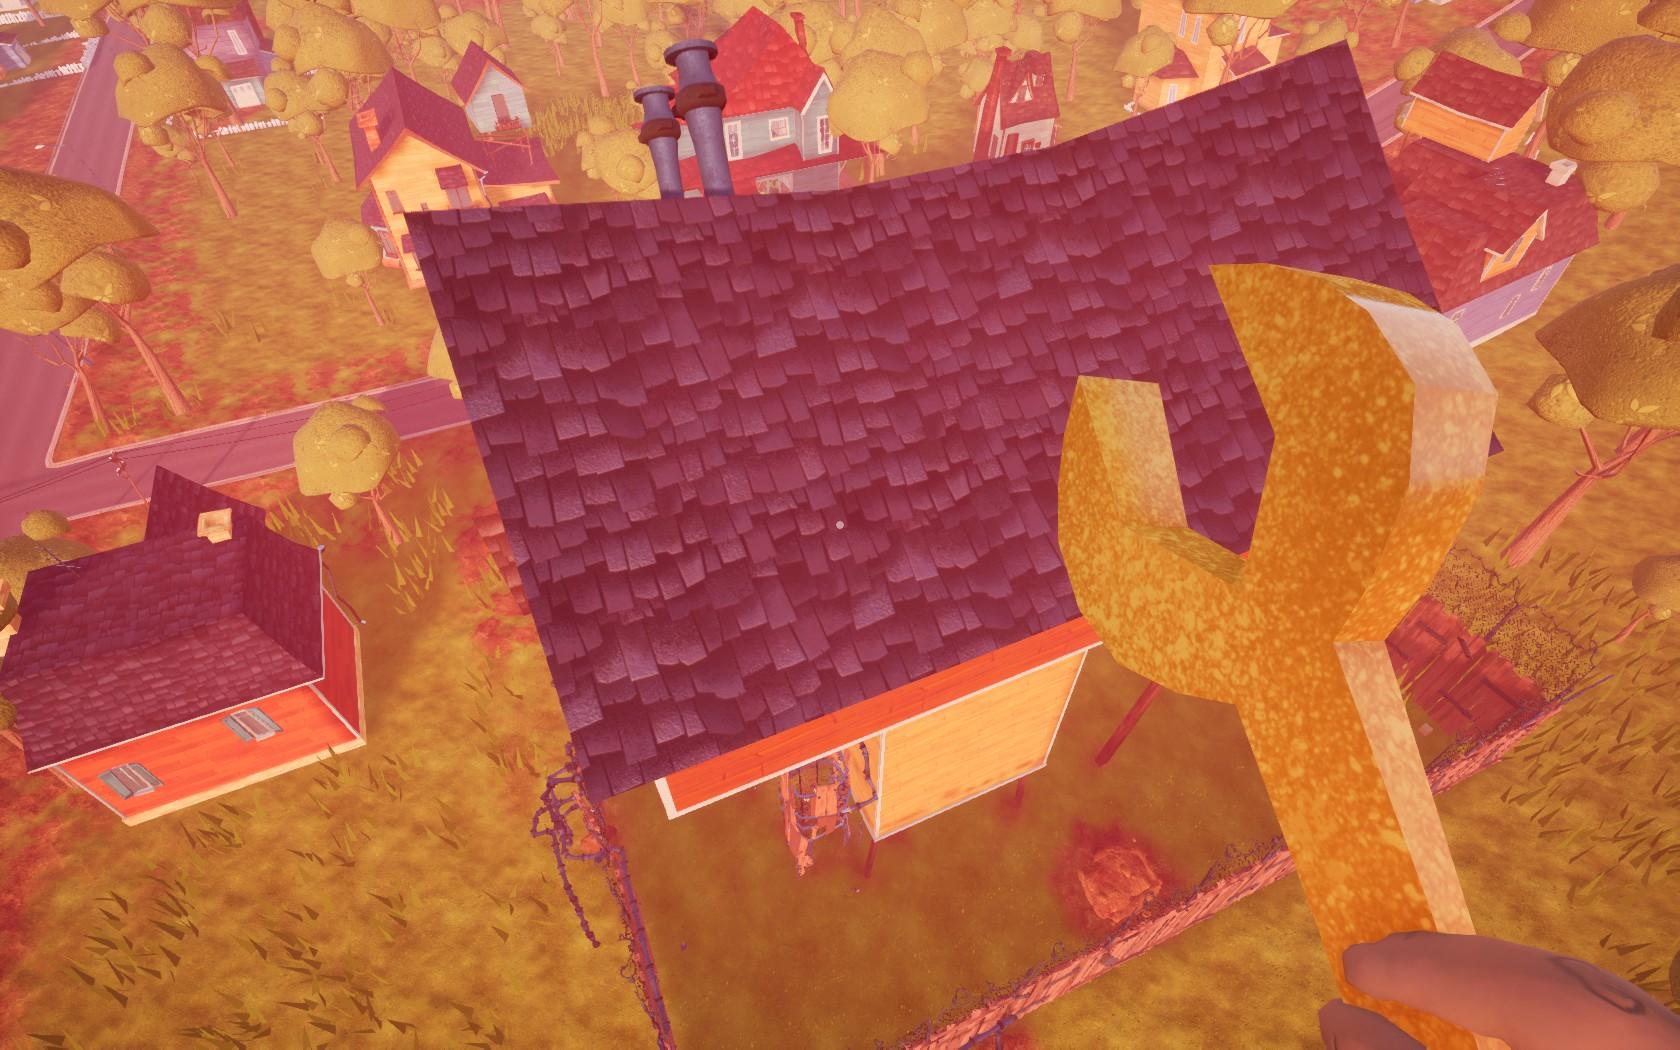 Imagem do jogo de stealth, comédia e horror Hello Neighbor, desenvolvido pela Dynamic Pixels. A imagem mostra o jogador voando acima na casa com uma chave inglesa na mão.